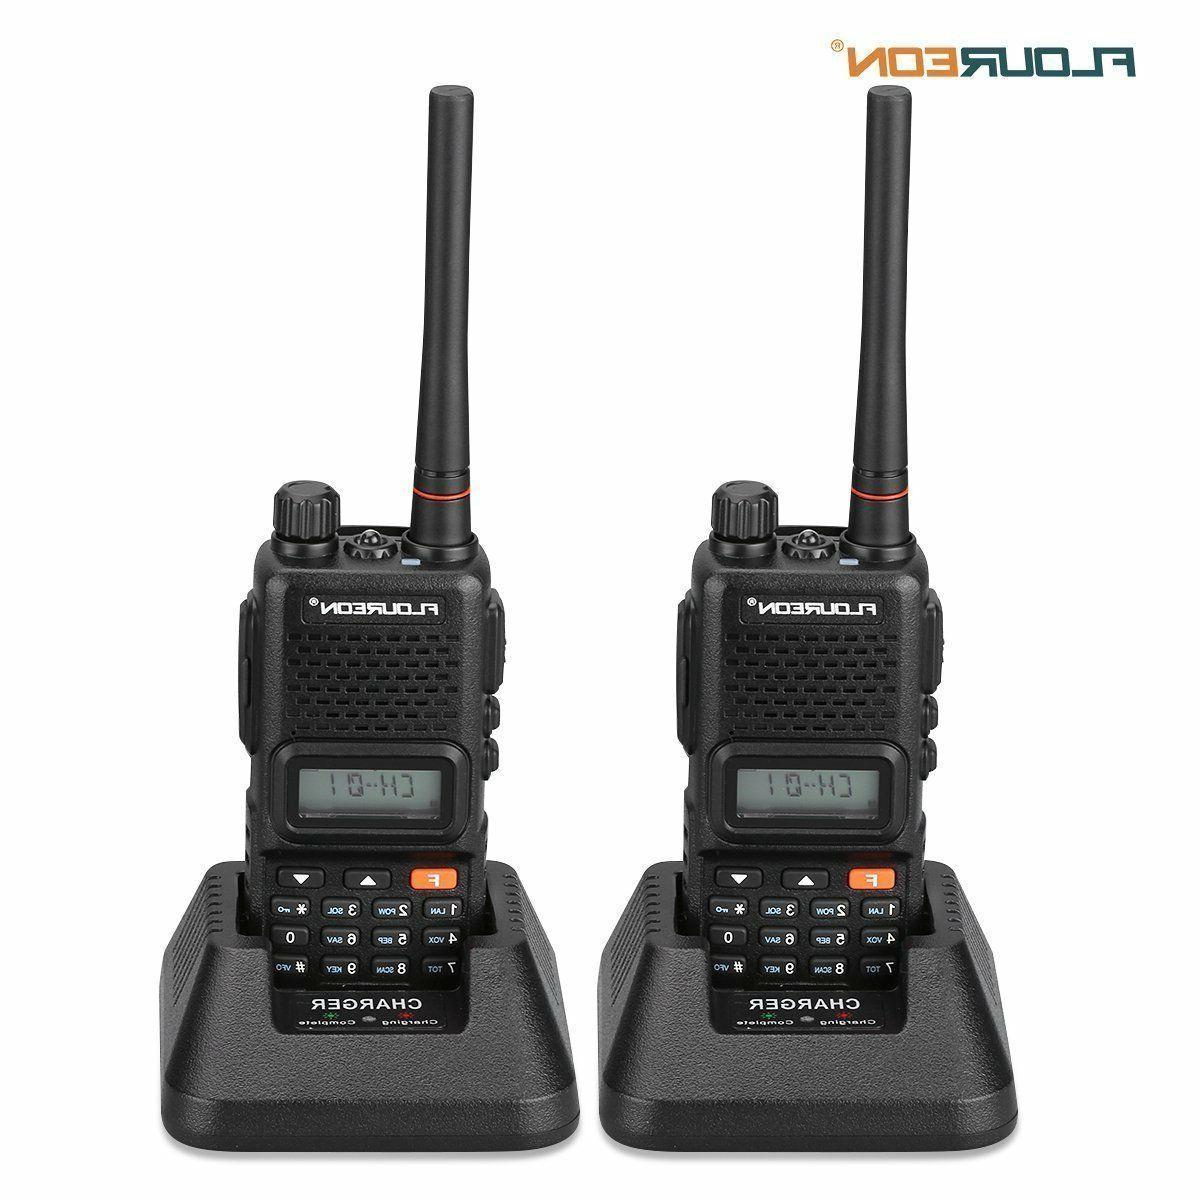 rechargeable walkie talkies 2 packs two way